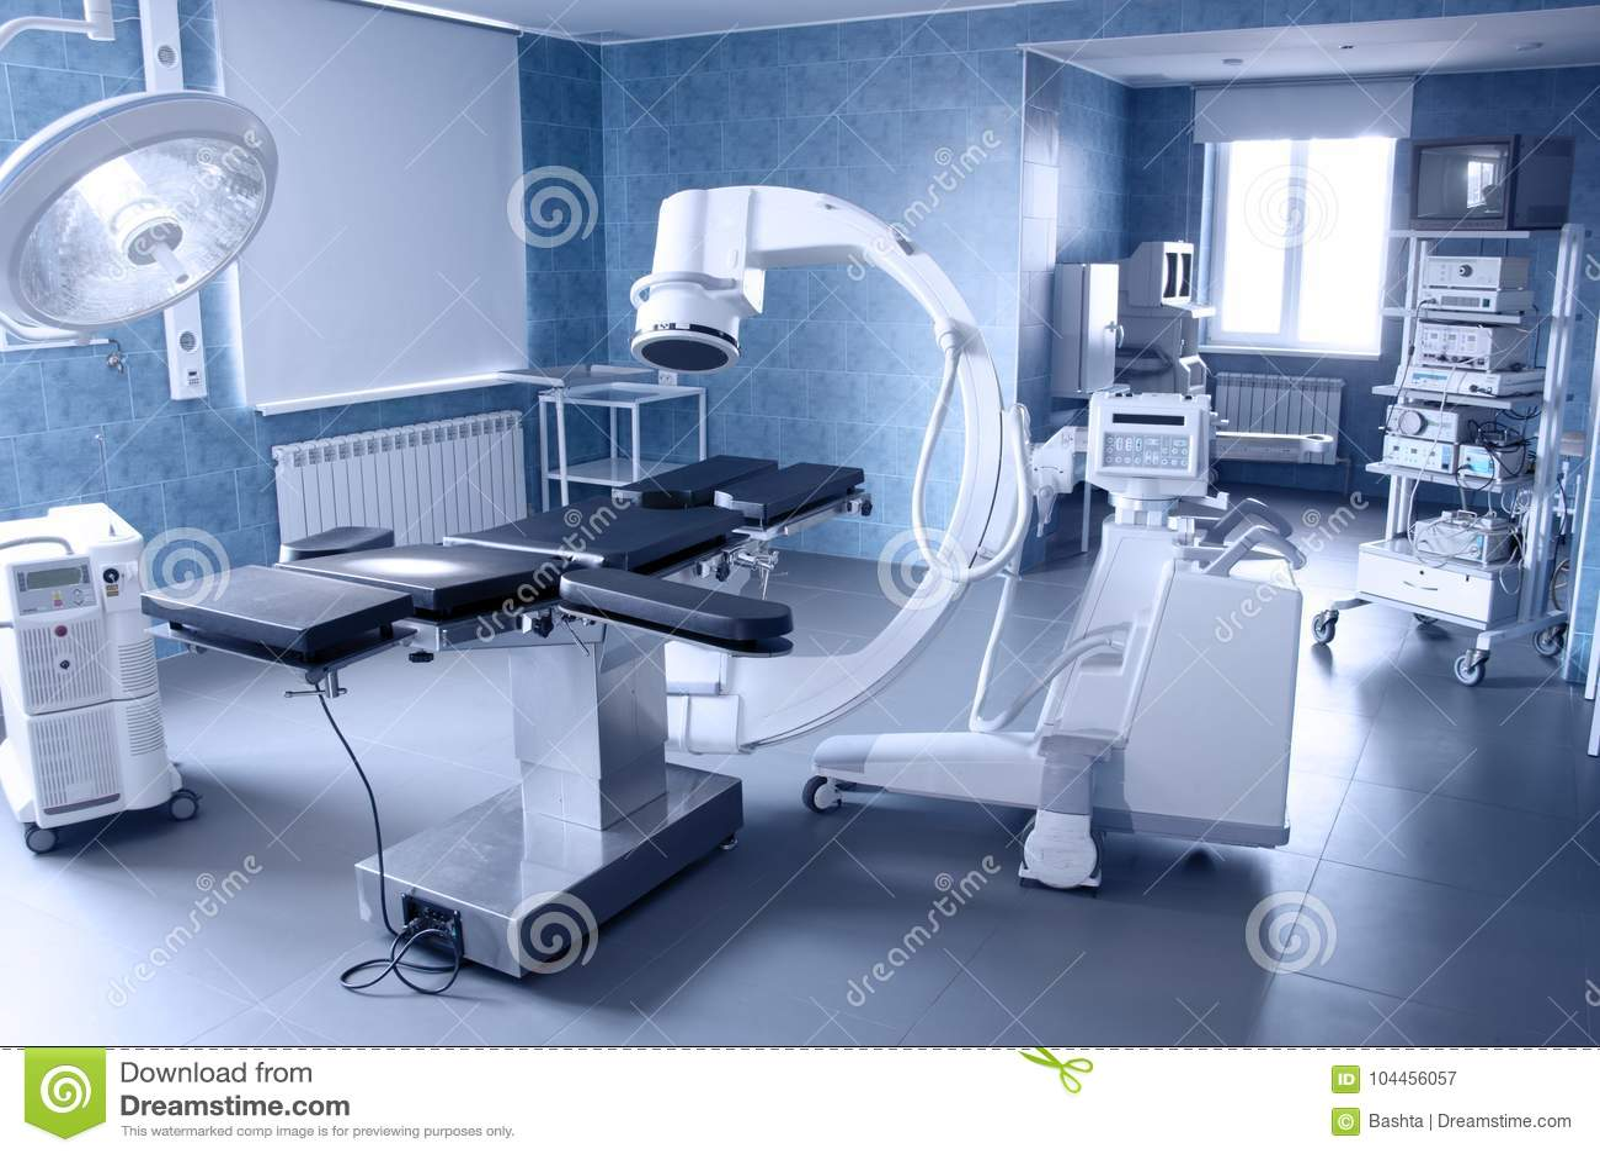 Krankenhausbetrieb Medizinische Ausrüstung